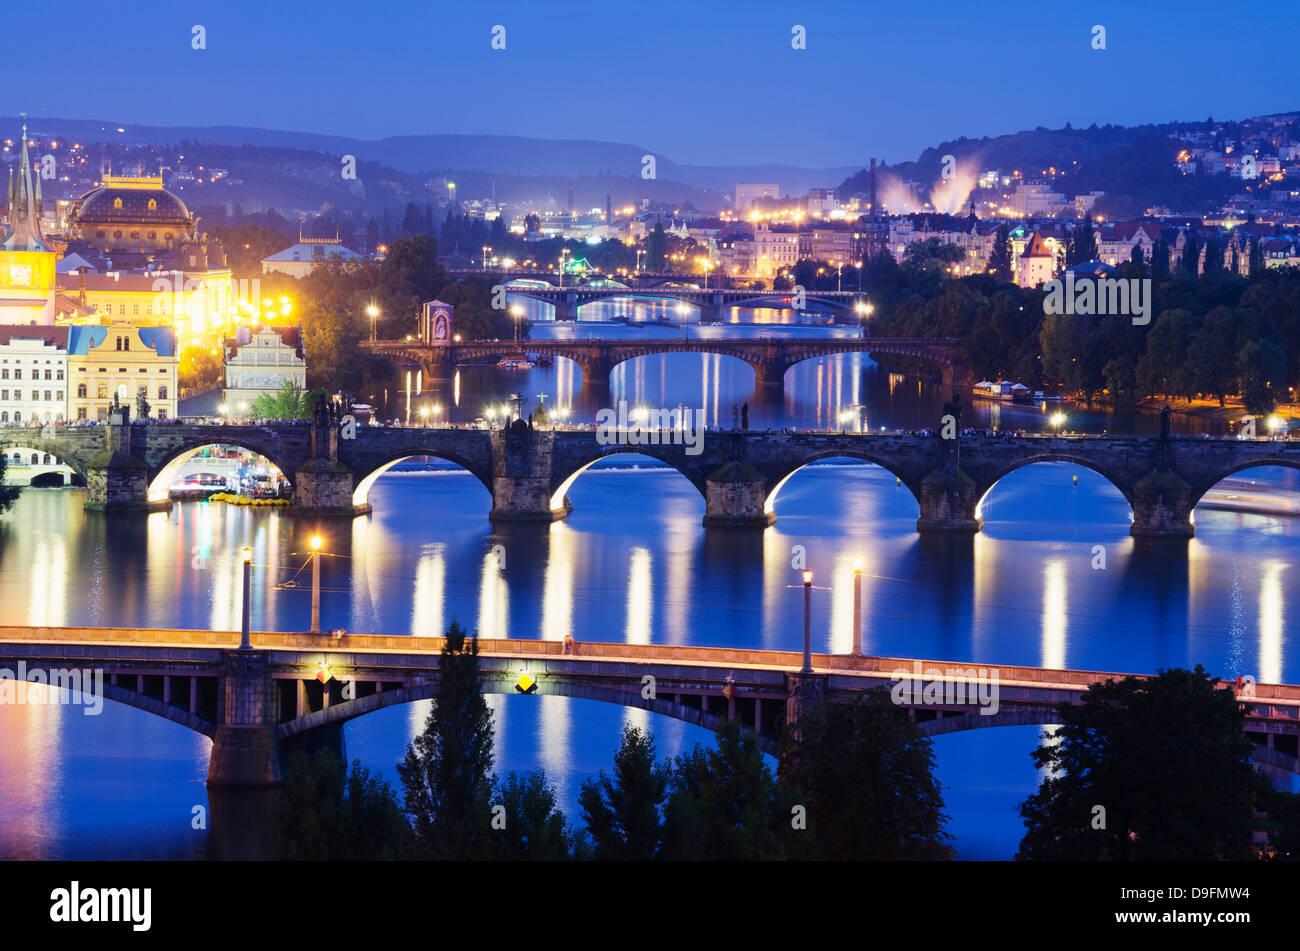 Ponti sul fiume Moldava, Sito Patrimonio Mondiale dell'UNESCO, Praga, Repubblica Ceca Immagini Stock